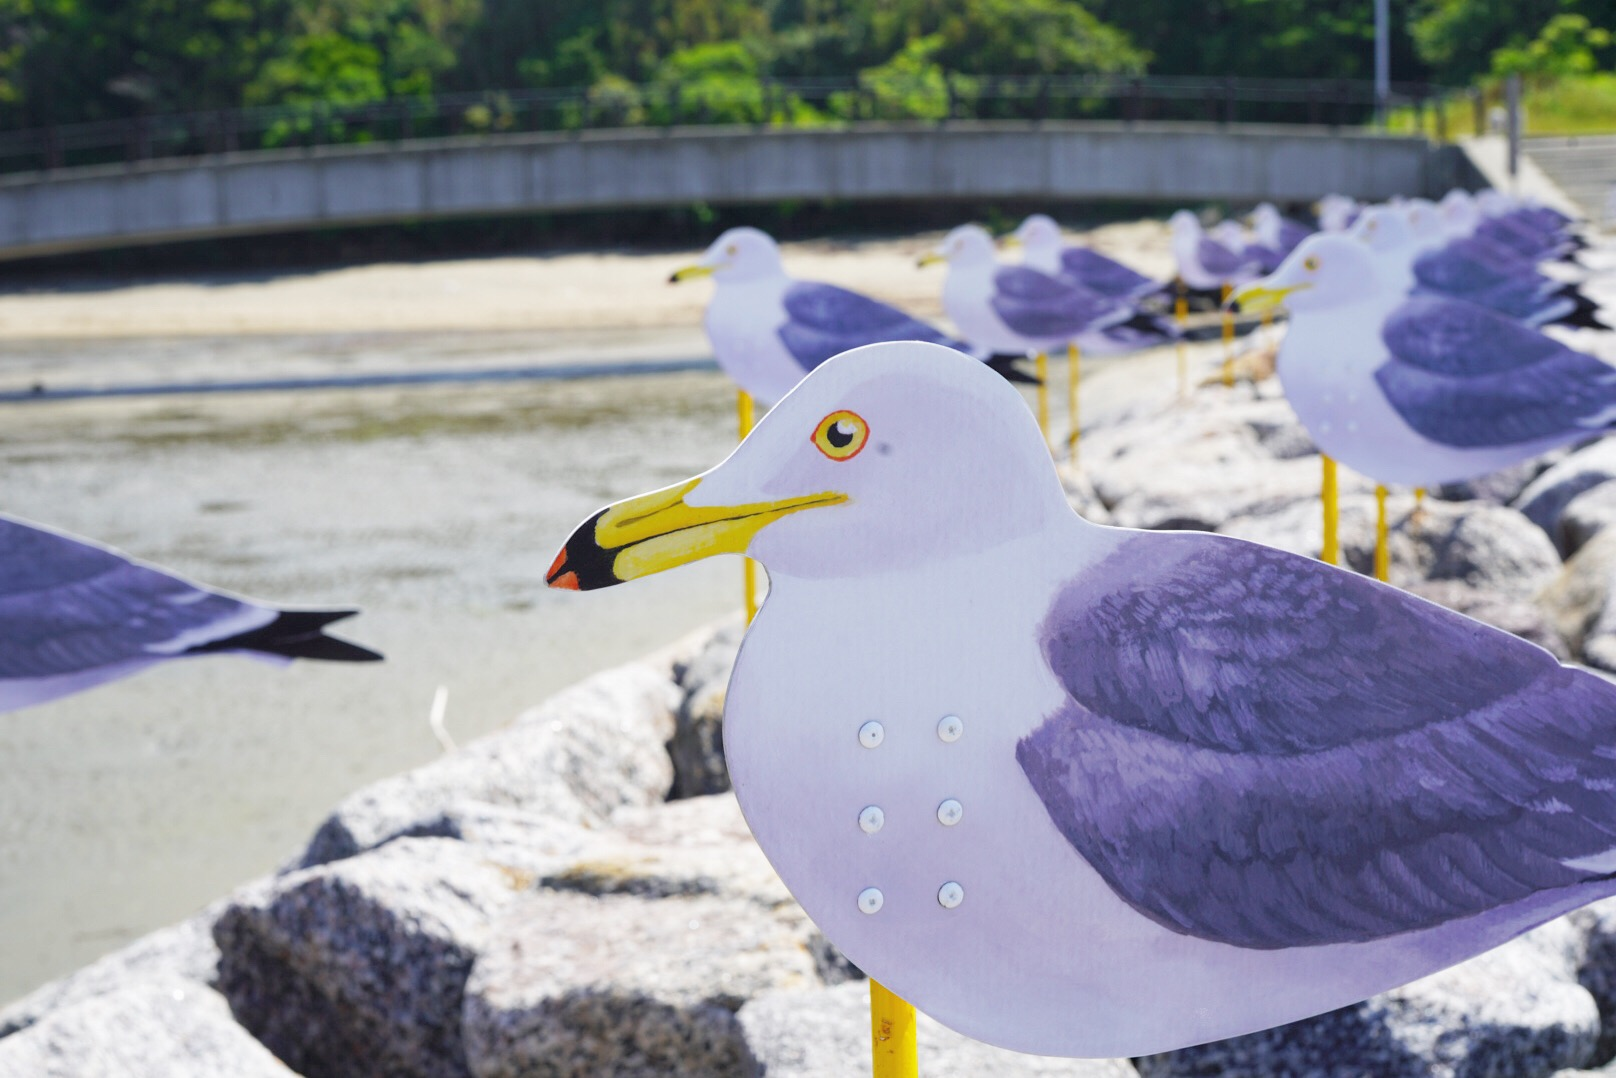 天使の羽根が生える!?〜アートの島「佐久島」でインスタ映えスポットを巡る旅(後編)〜 - 495BD4ED EE66 471F B860 3D7DED6C79C8